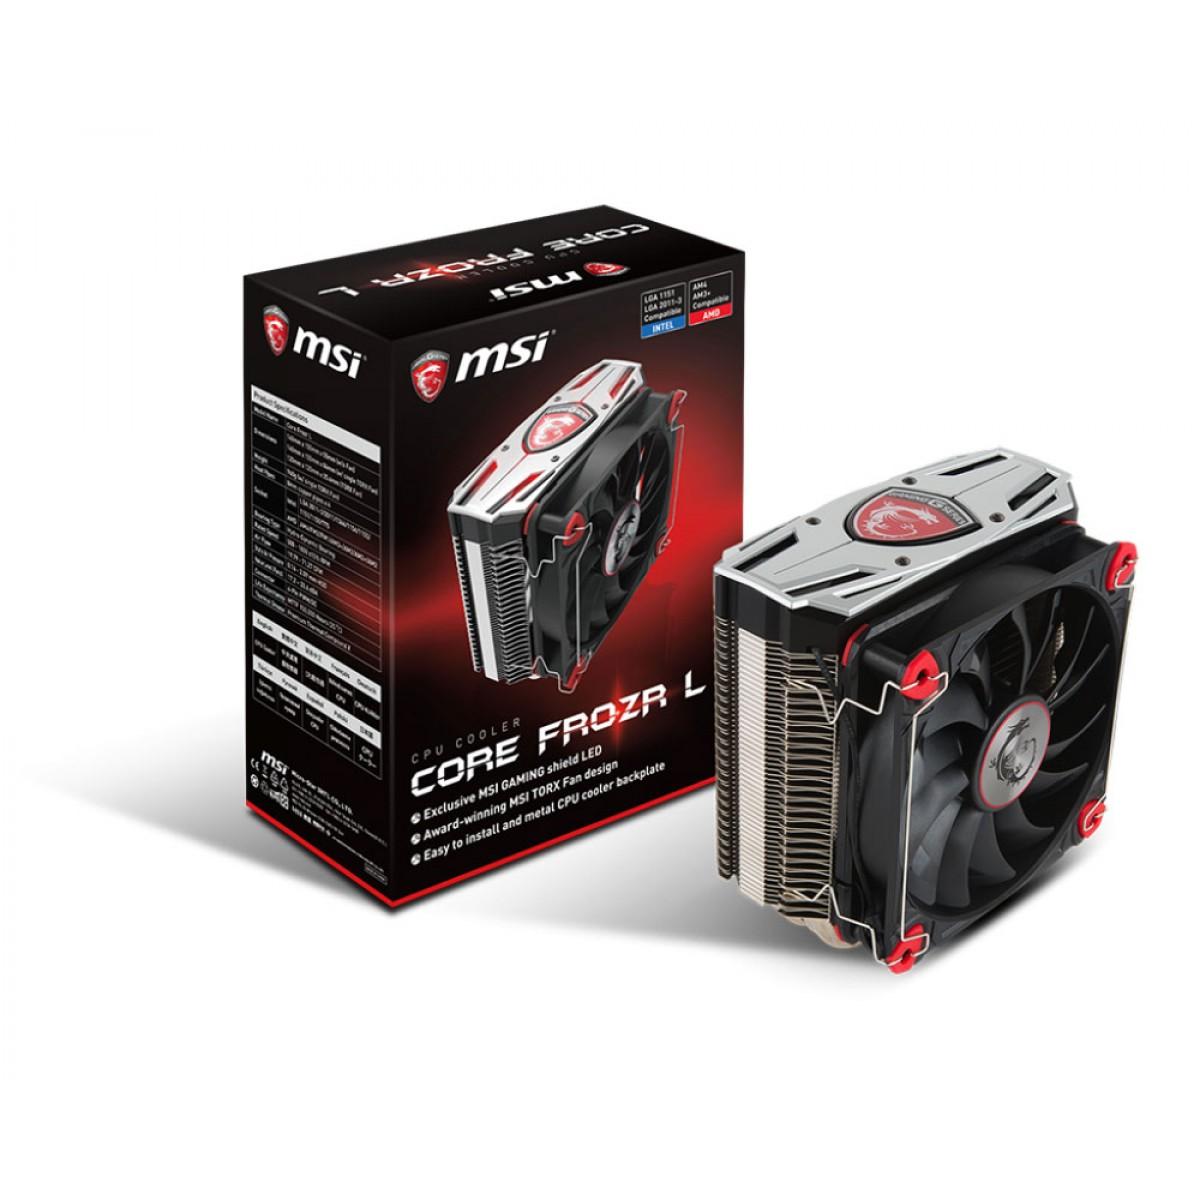 MSI CORE FROZR L CPU Air Cooler 200w